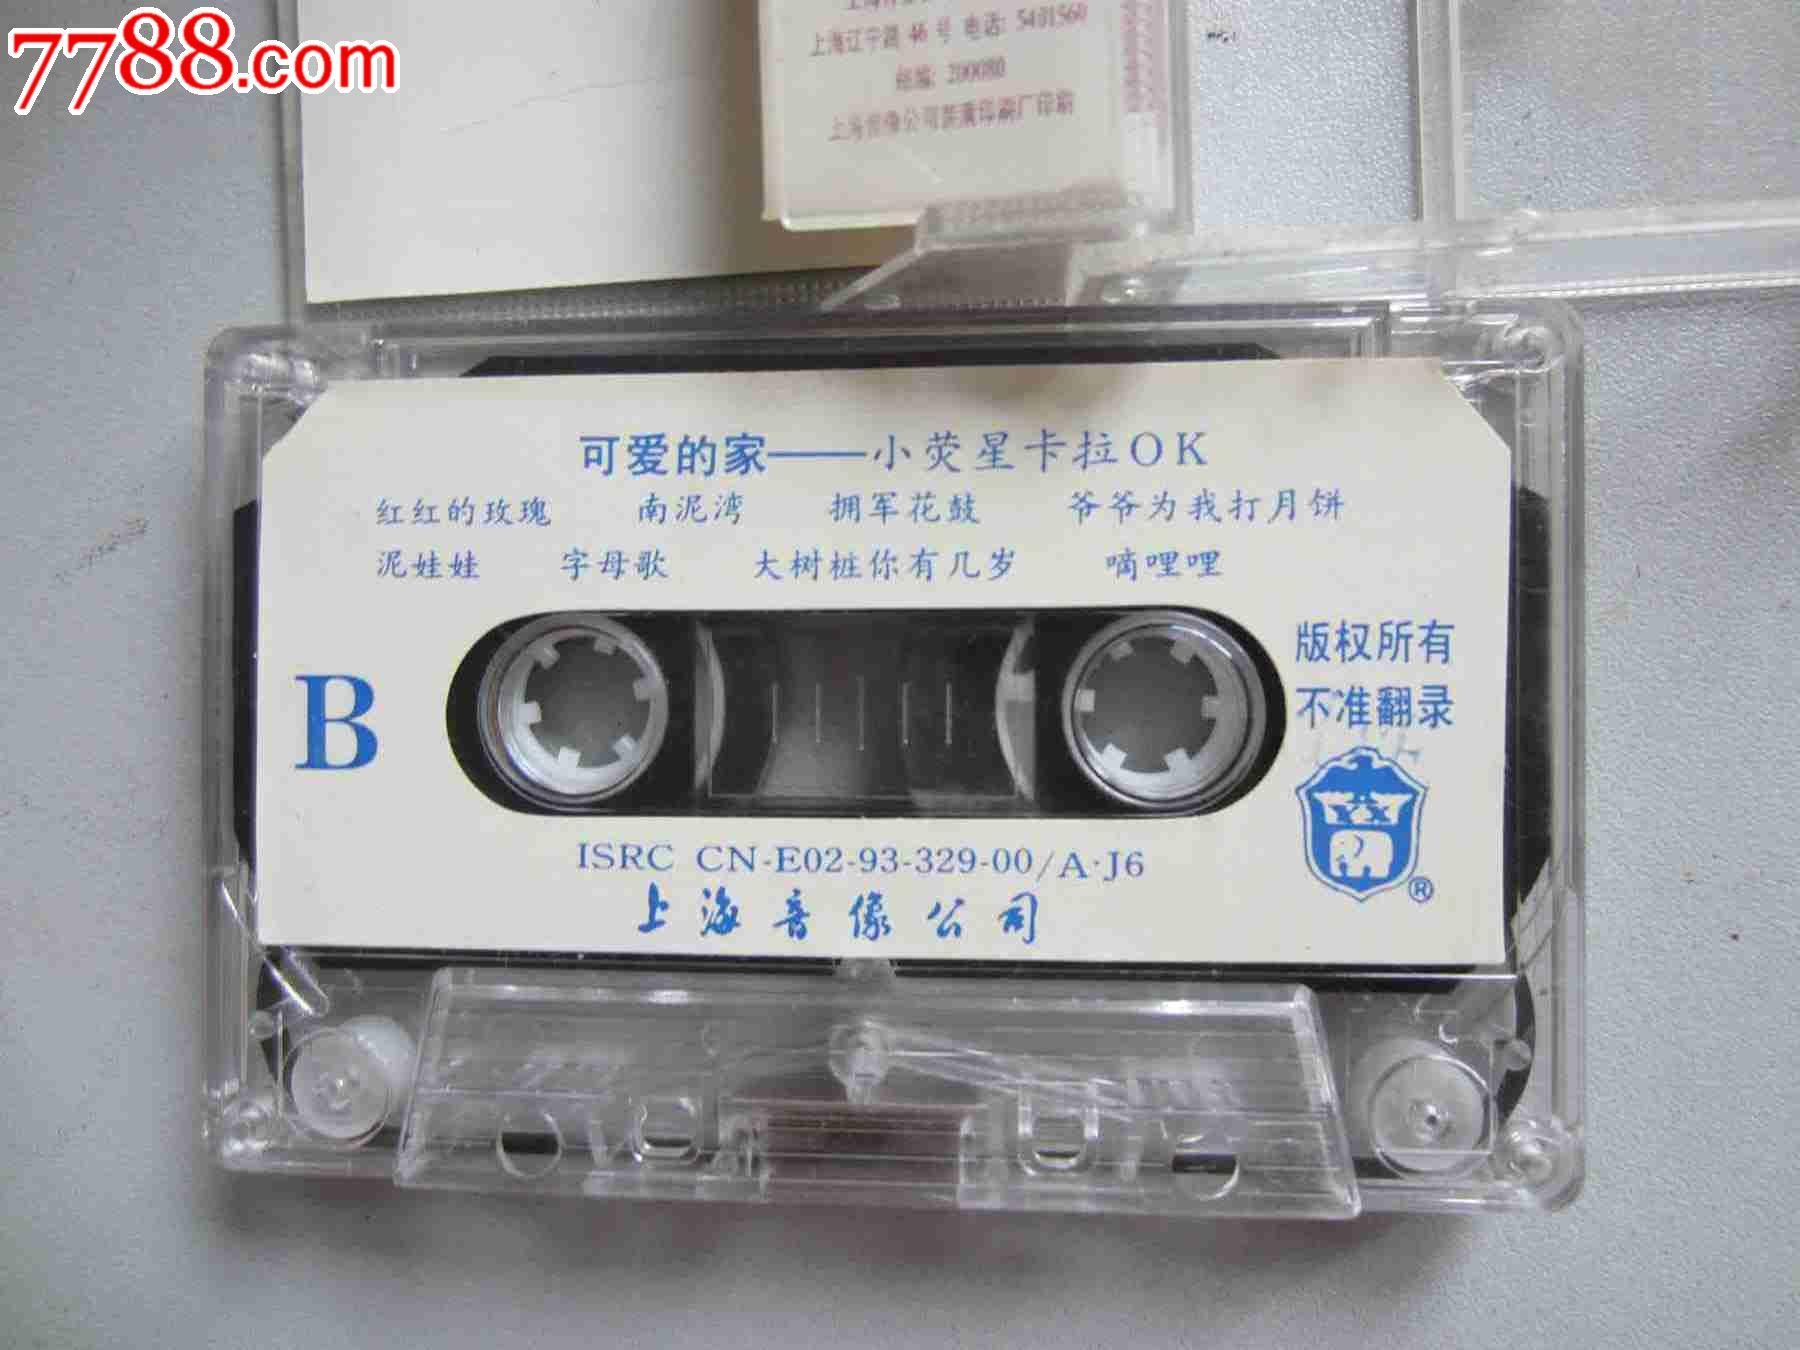 可爱的家.上海电视台小荧星合唱团(磁带)